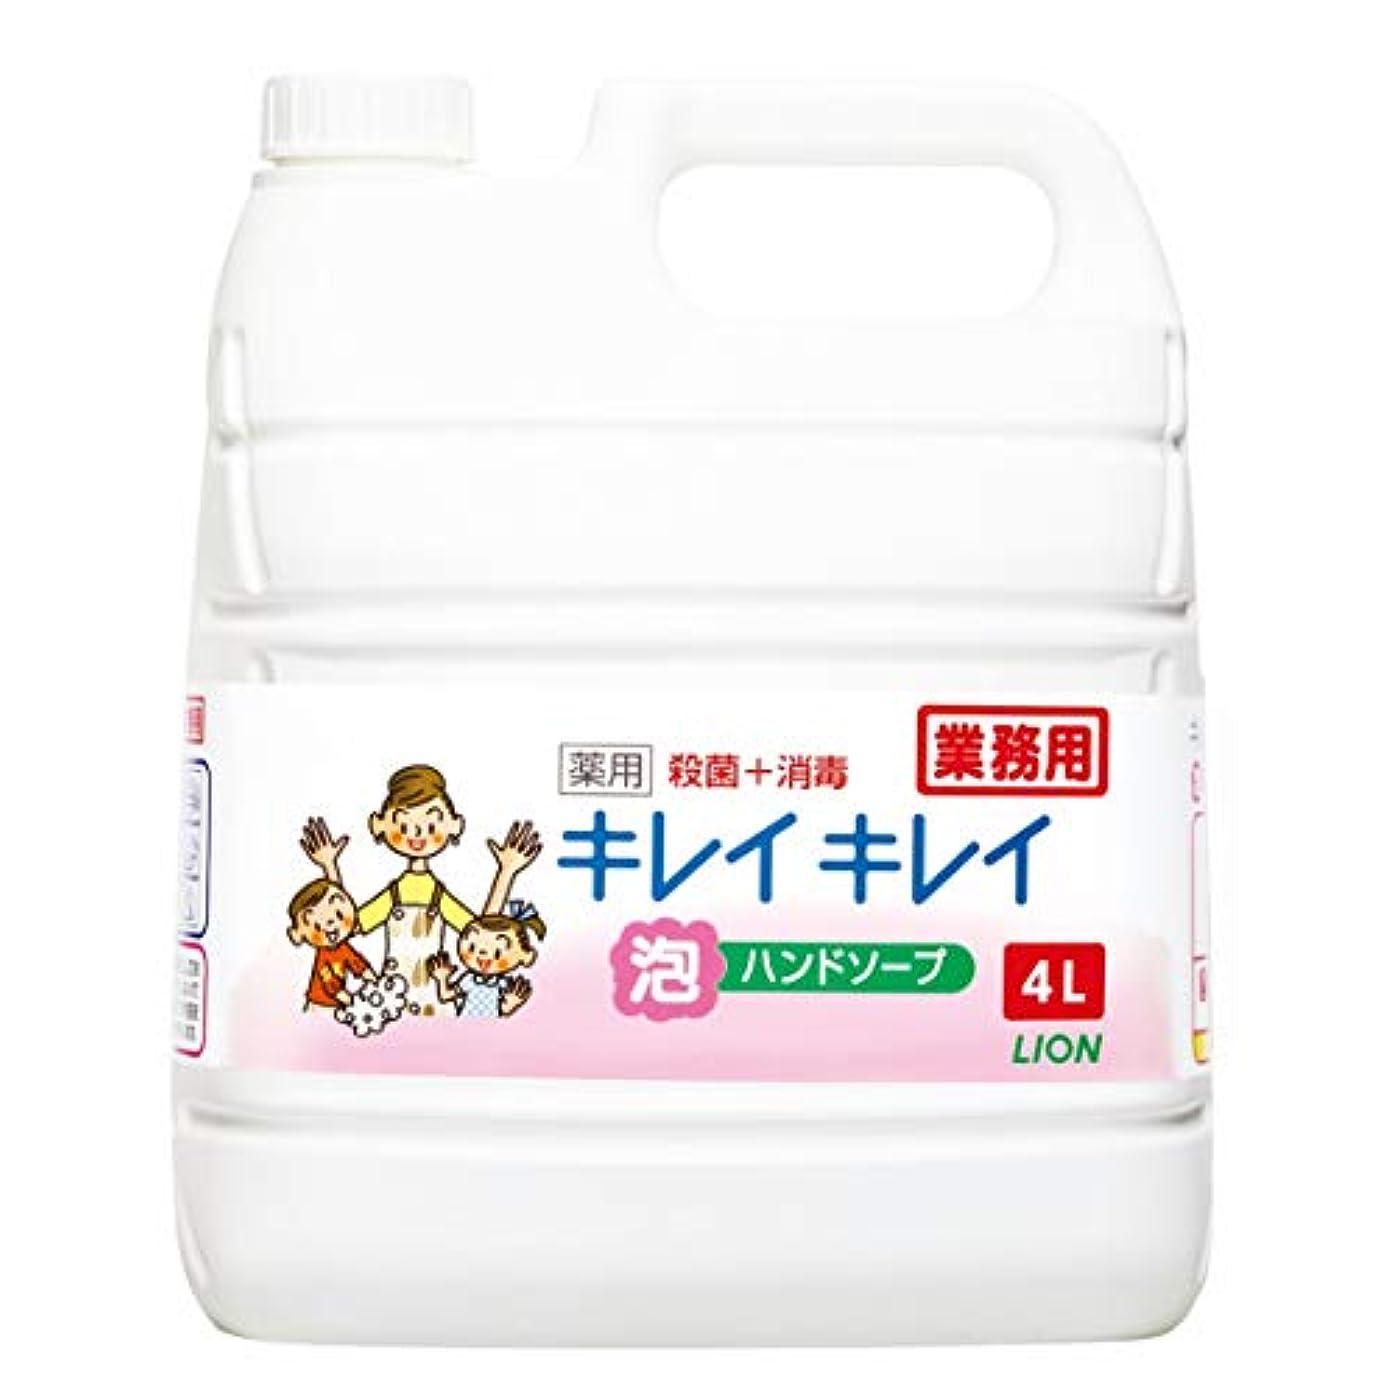 数学角度シネウィ【業務用 大容量】キレイキレイ 薬用 泡ハンドソープ シトラスフルーティの香り 4L(医薬部外品)